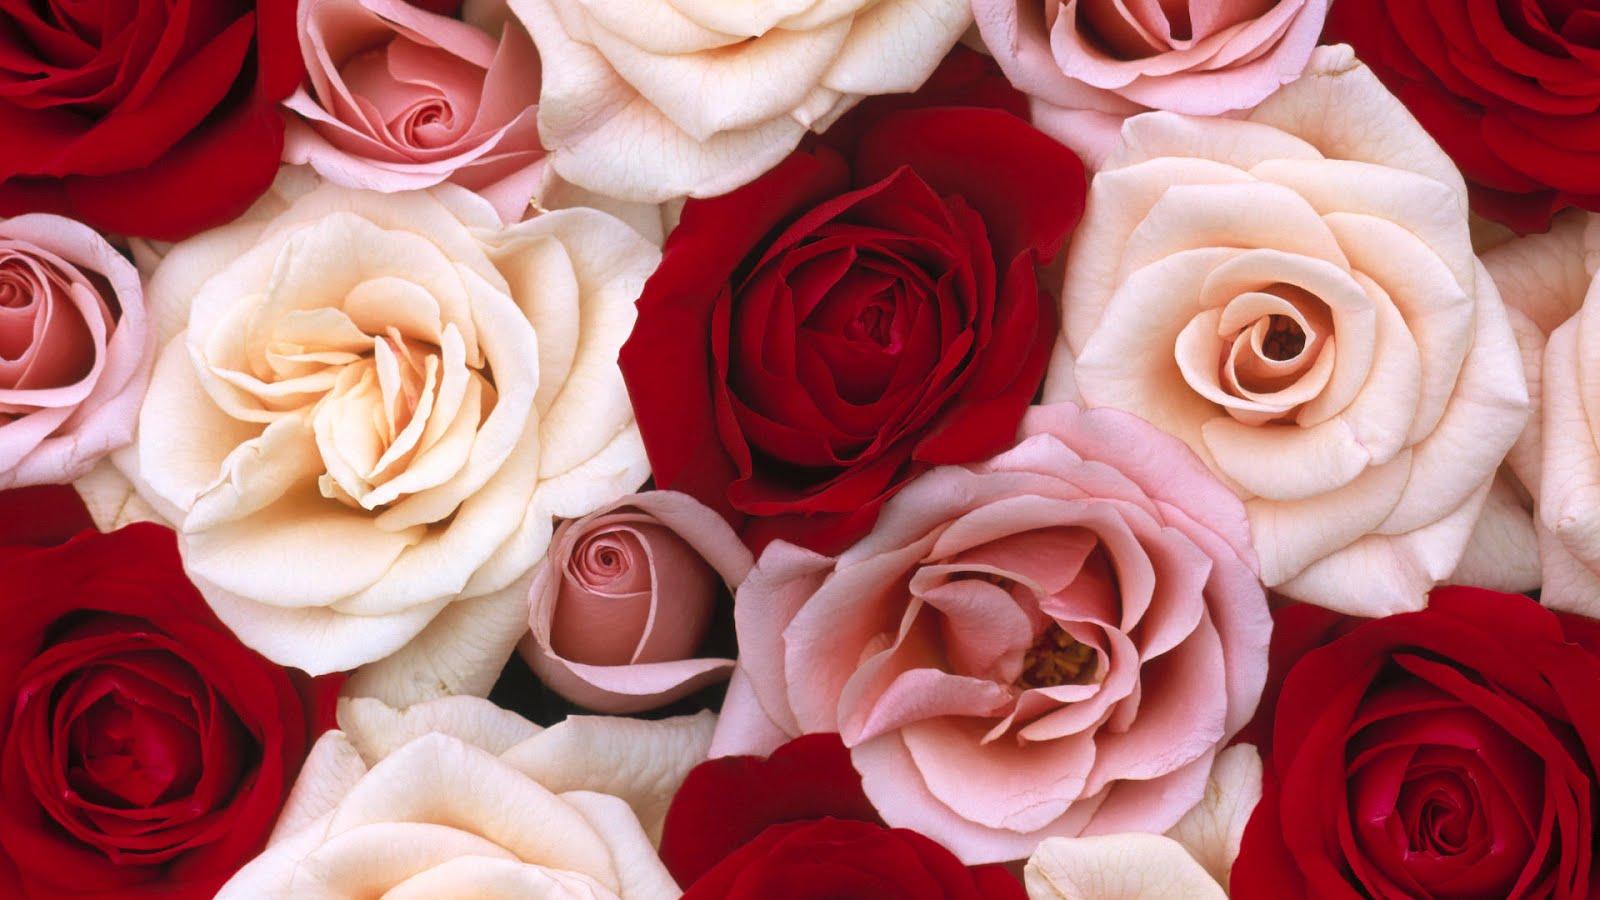 Fondos De Pantalla De Flores Hd Fondos De Pantalla Y Mucho Mas